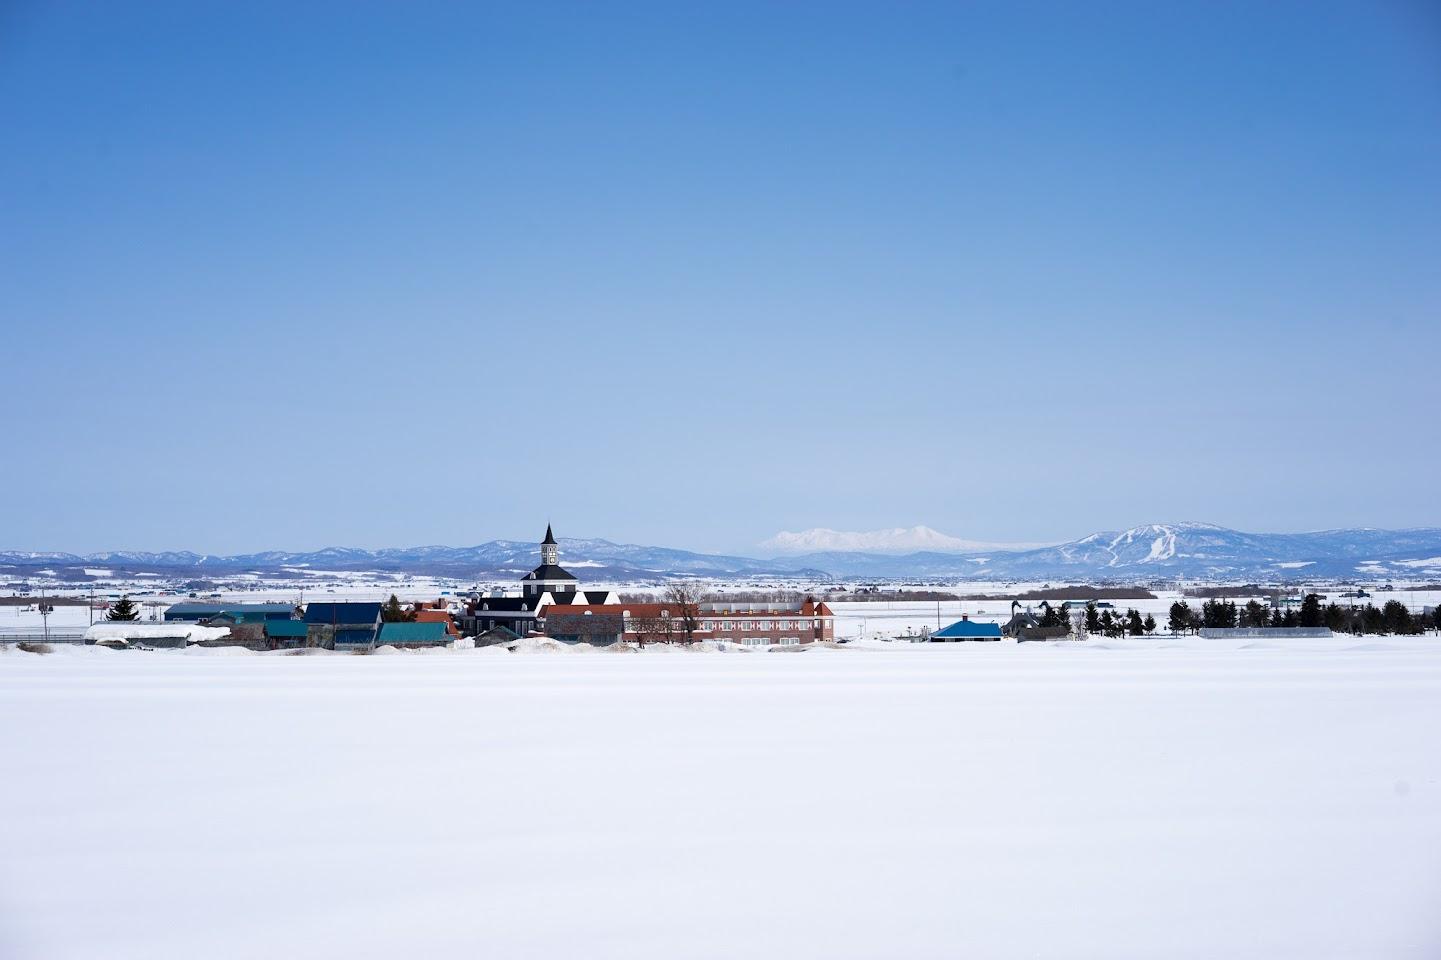 白く浮かび上がる大雪山連峰